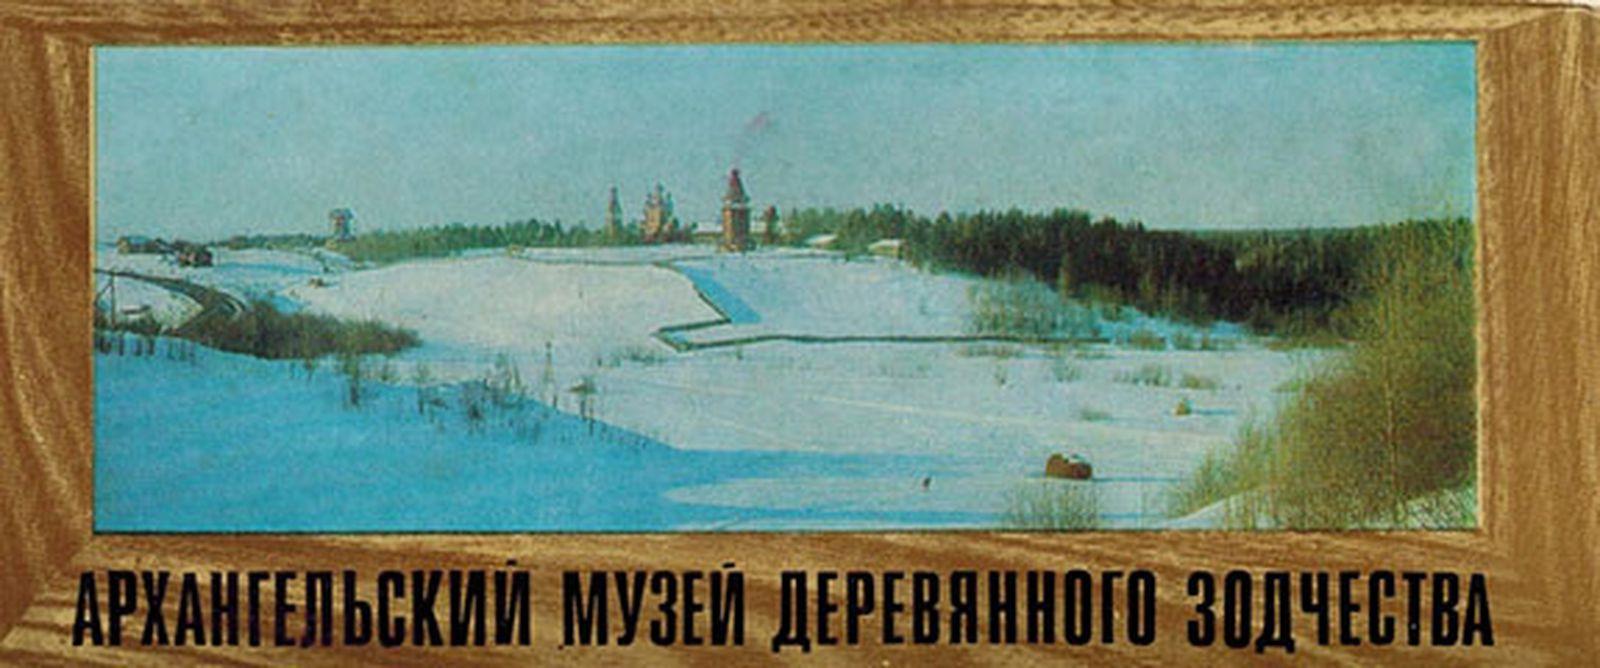 Архангельский музей деревянного зодчества (набор из 18 открыток) ленинская искра набор из 18 открыток